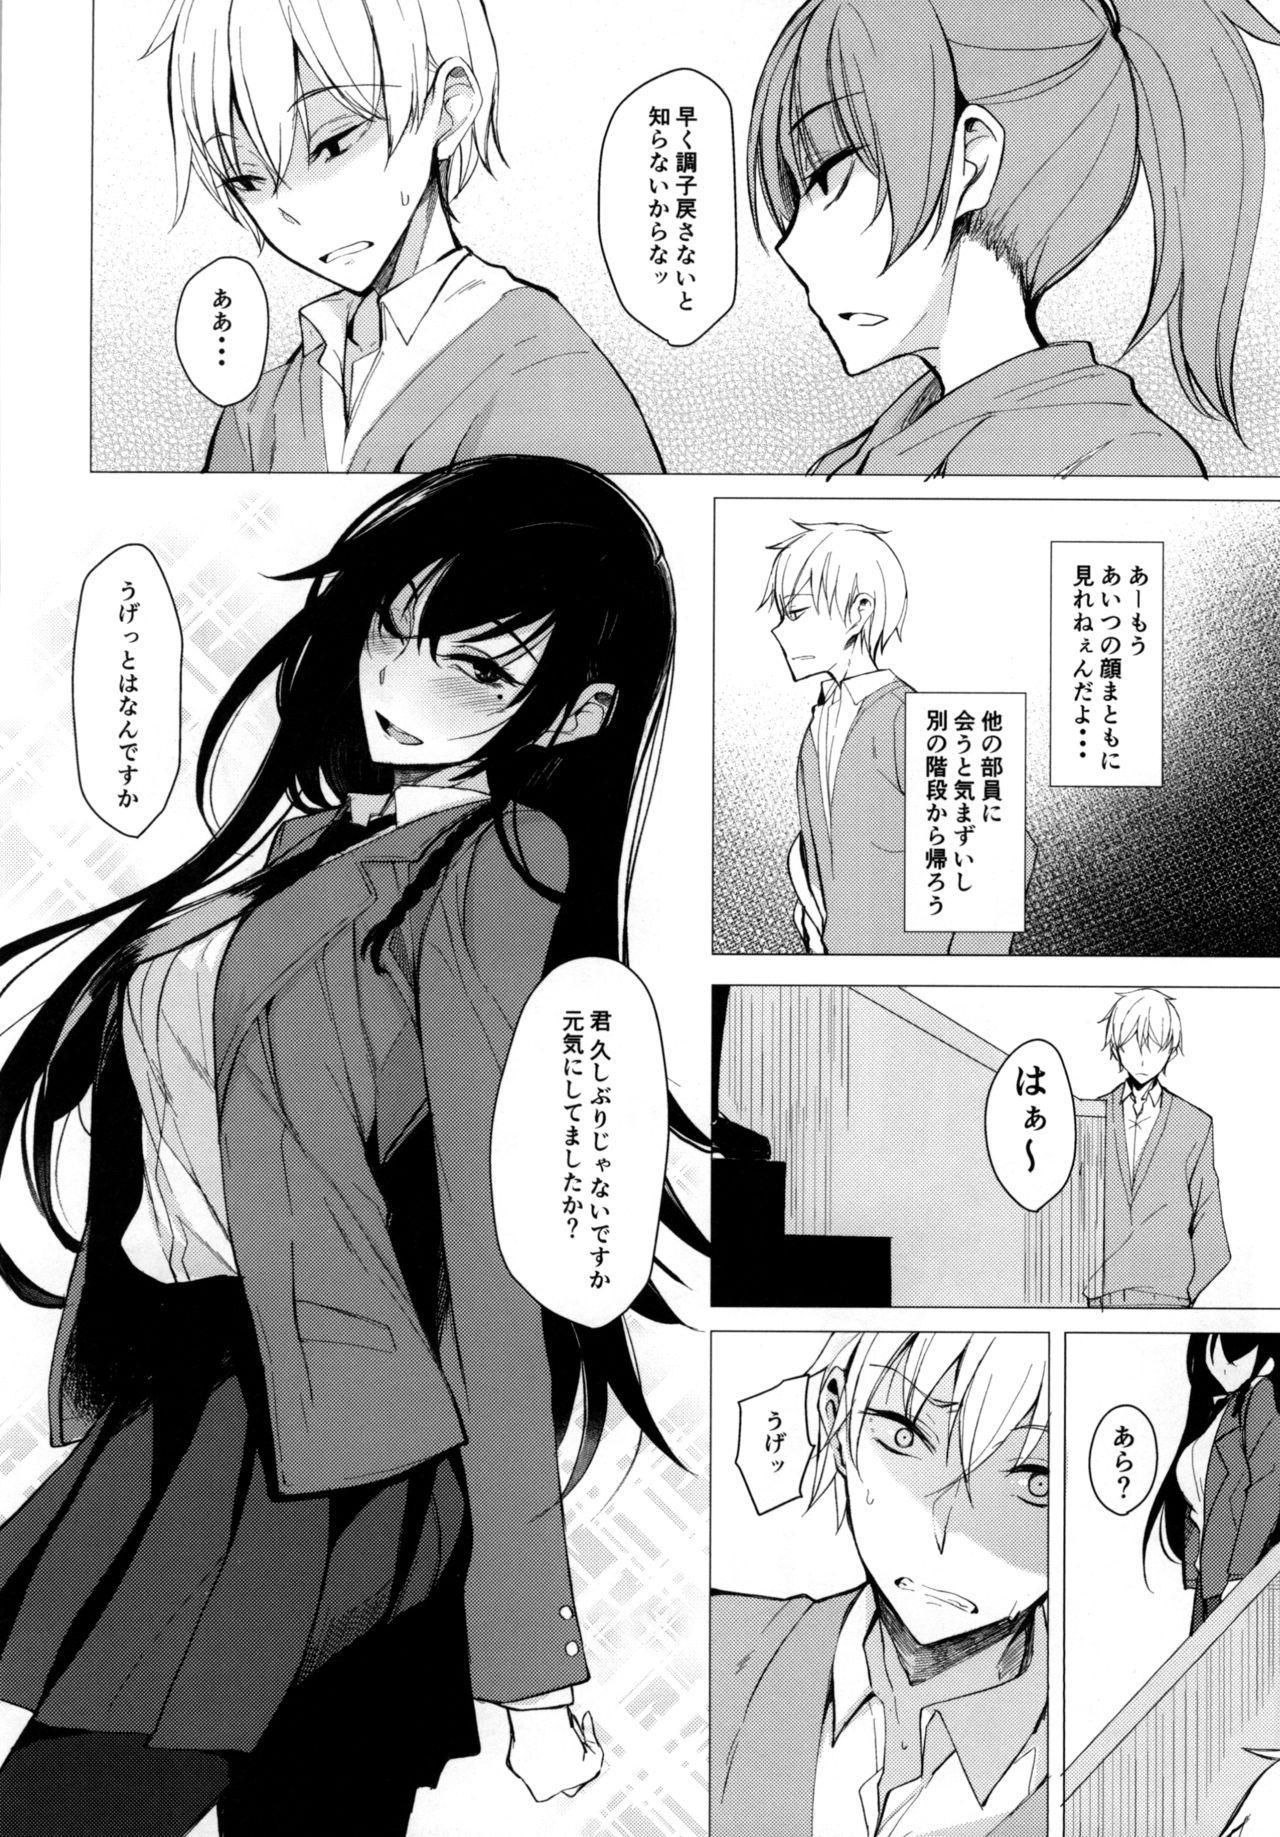 Futatabi Senpai ni Osowareru Hon 4